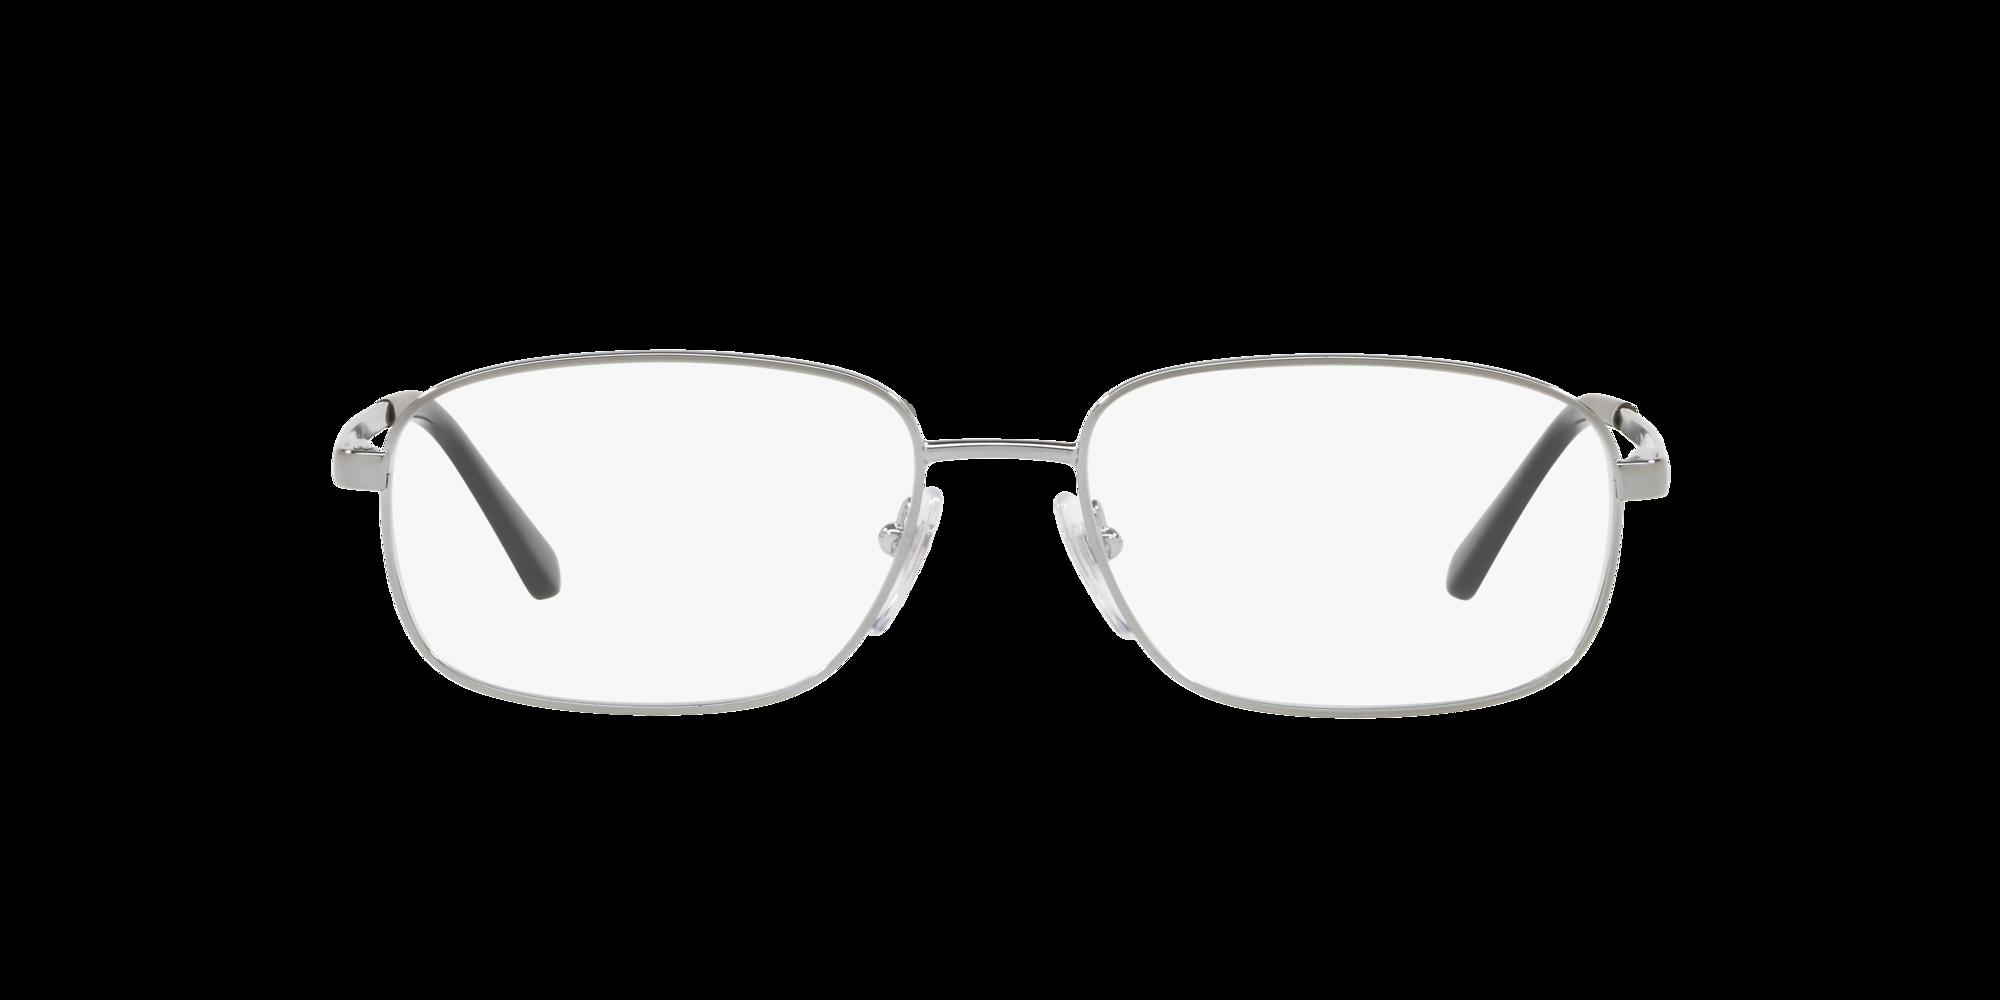 Imagen para SF2290 de LensCrafters |  Espejuelos, espejuelos graduados en línea, gafas